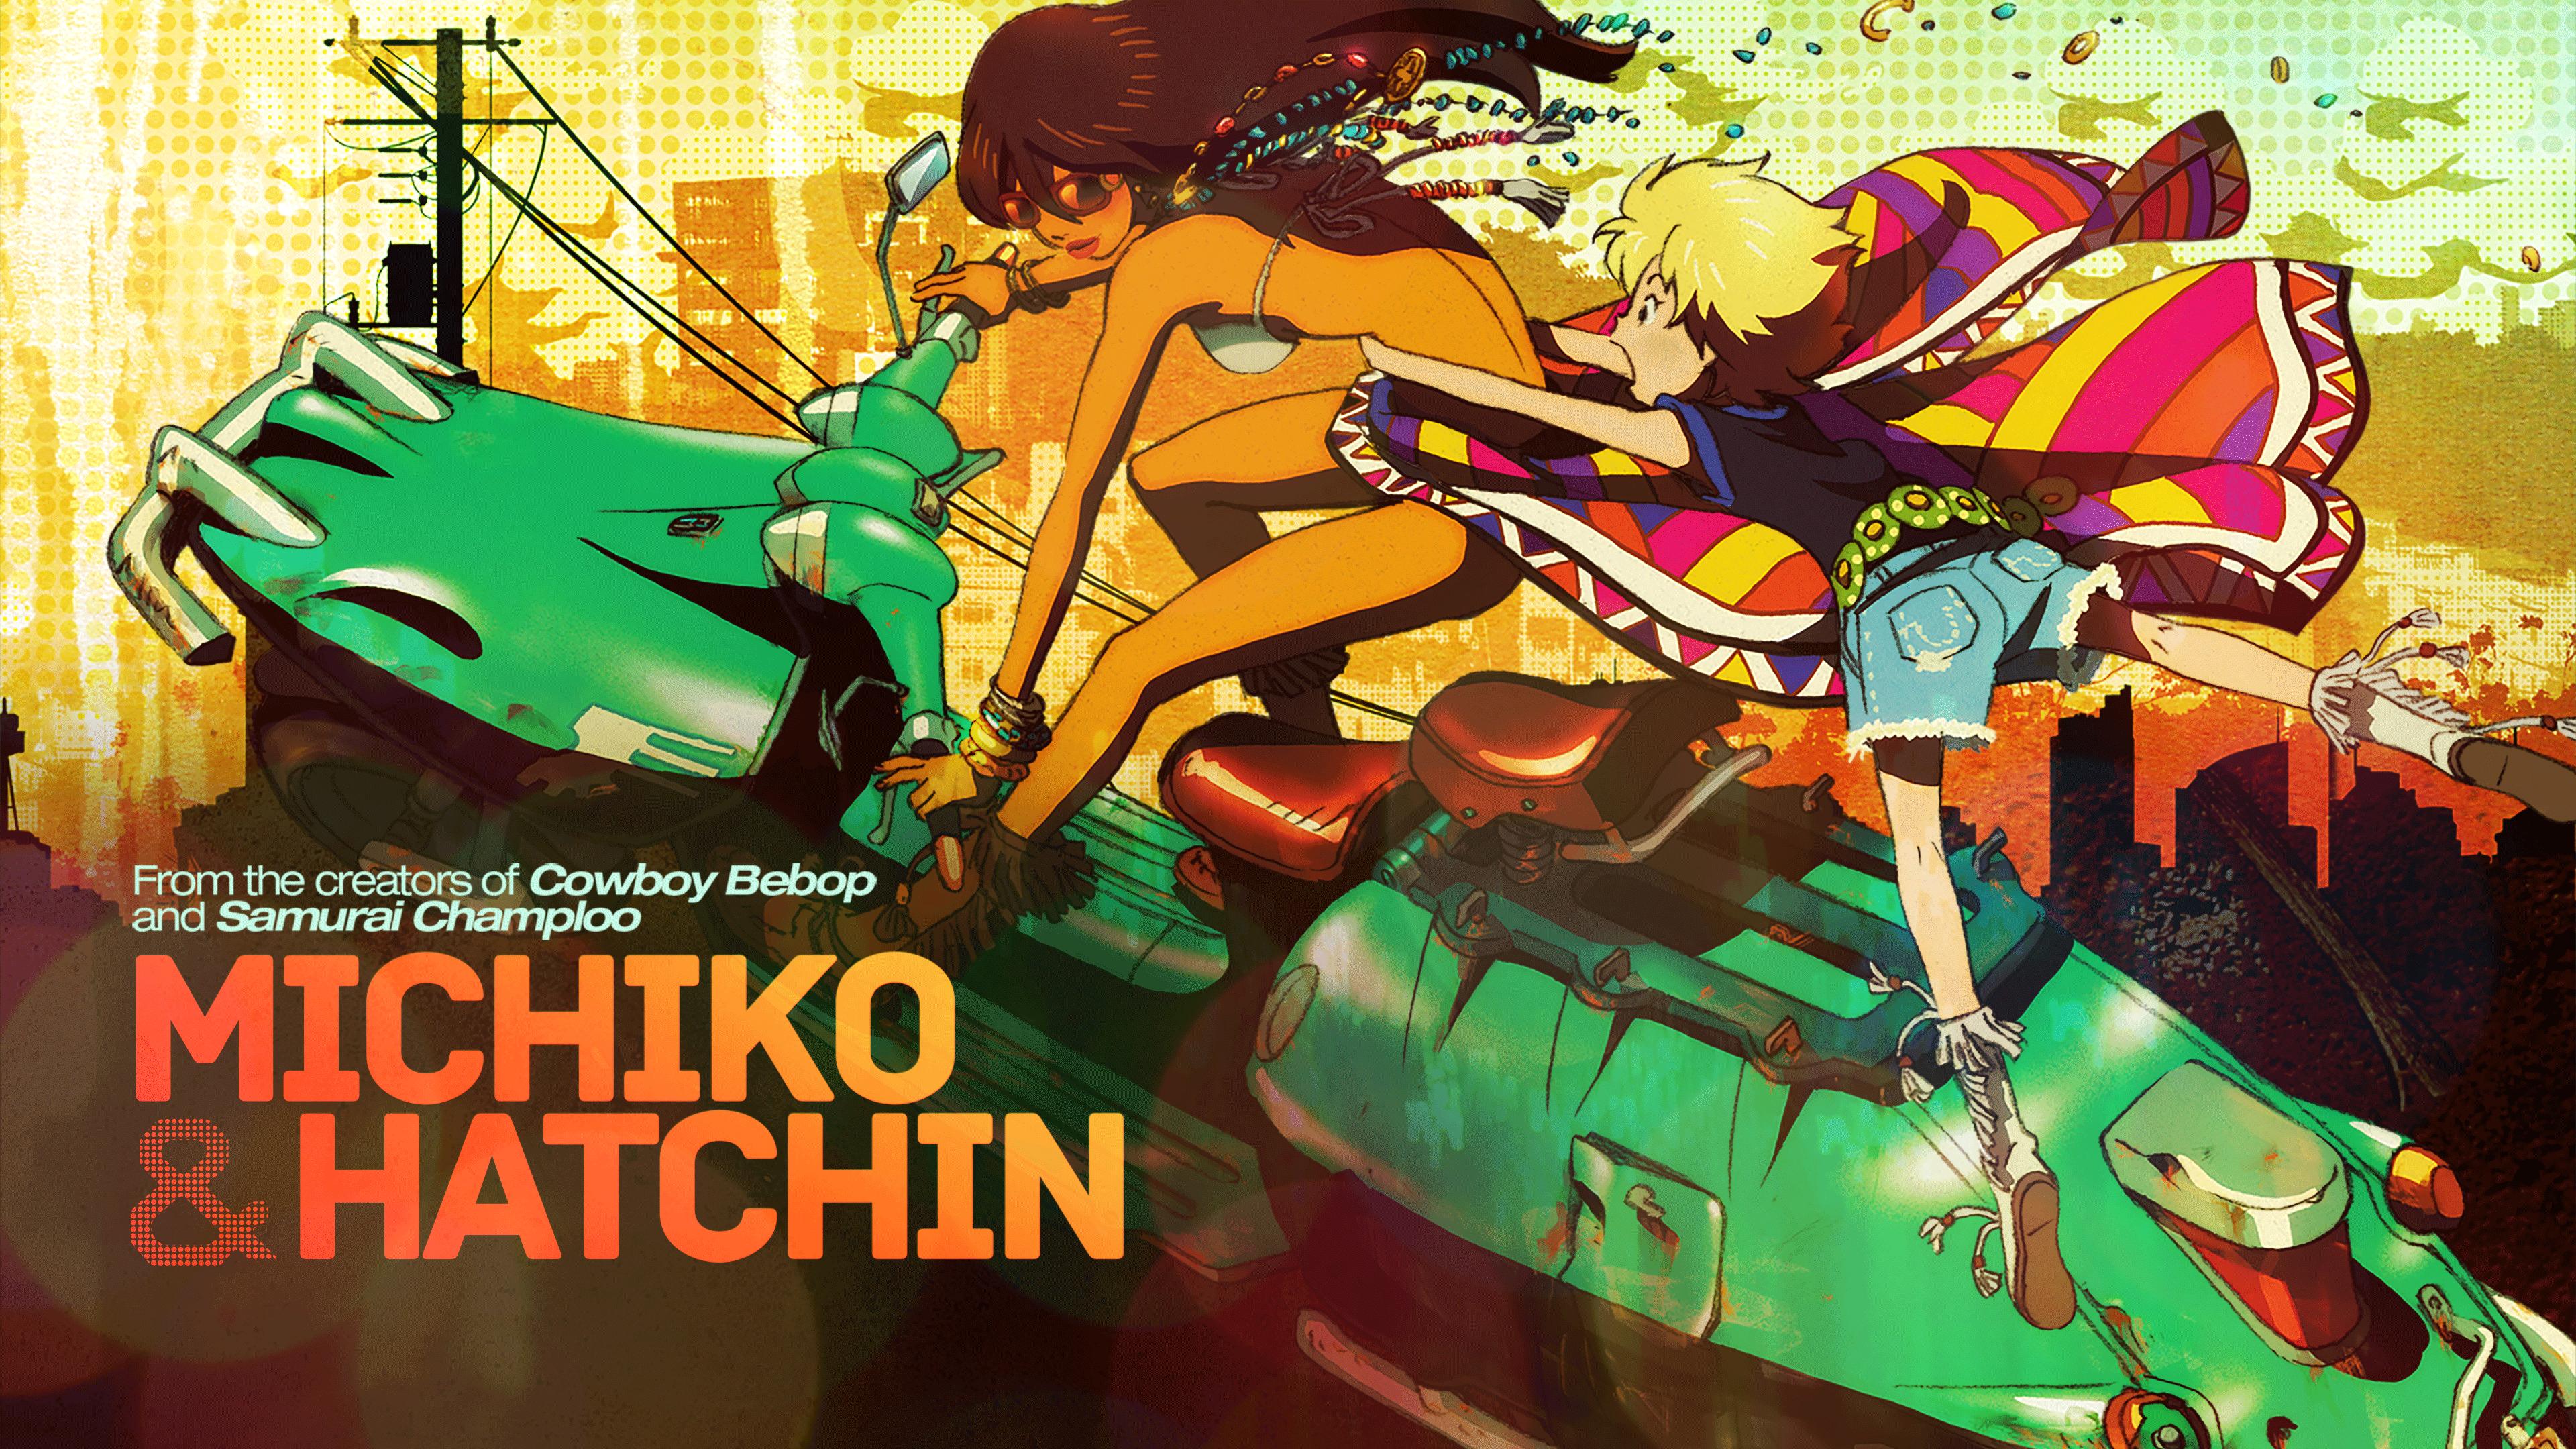 michiko-and-hatchin